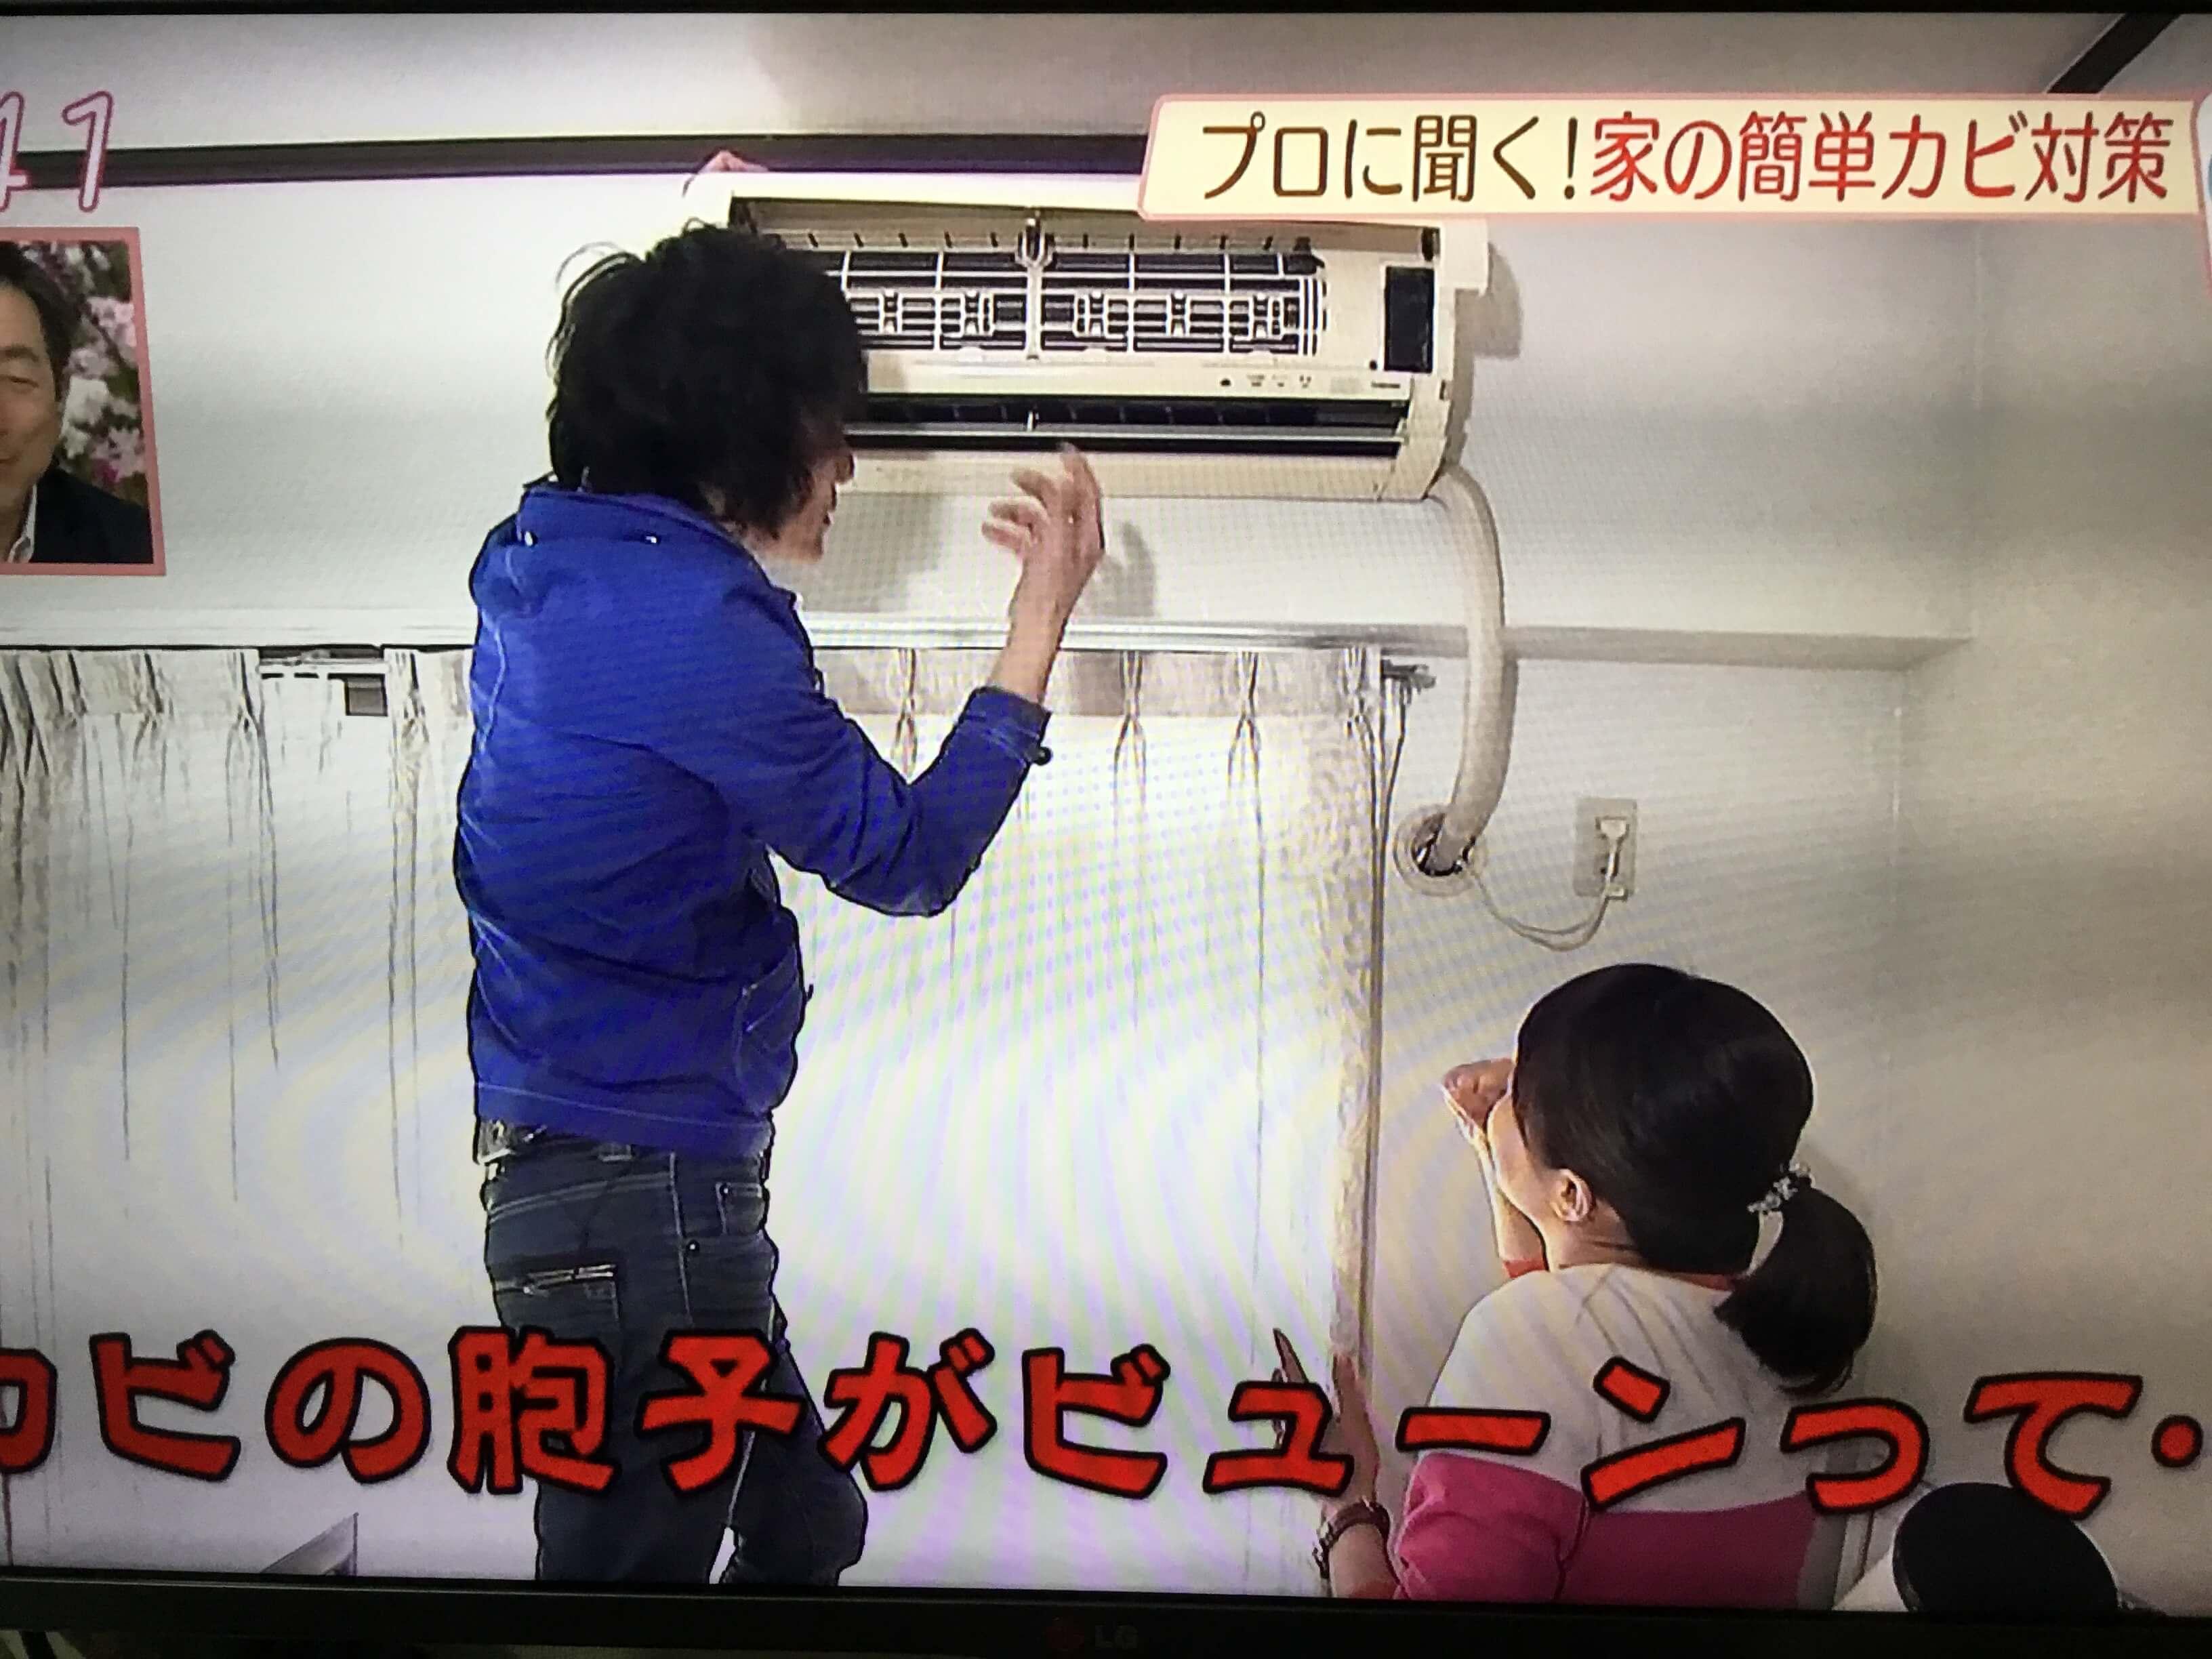 テレビでエアコンクリーニングの業者の紹介